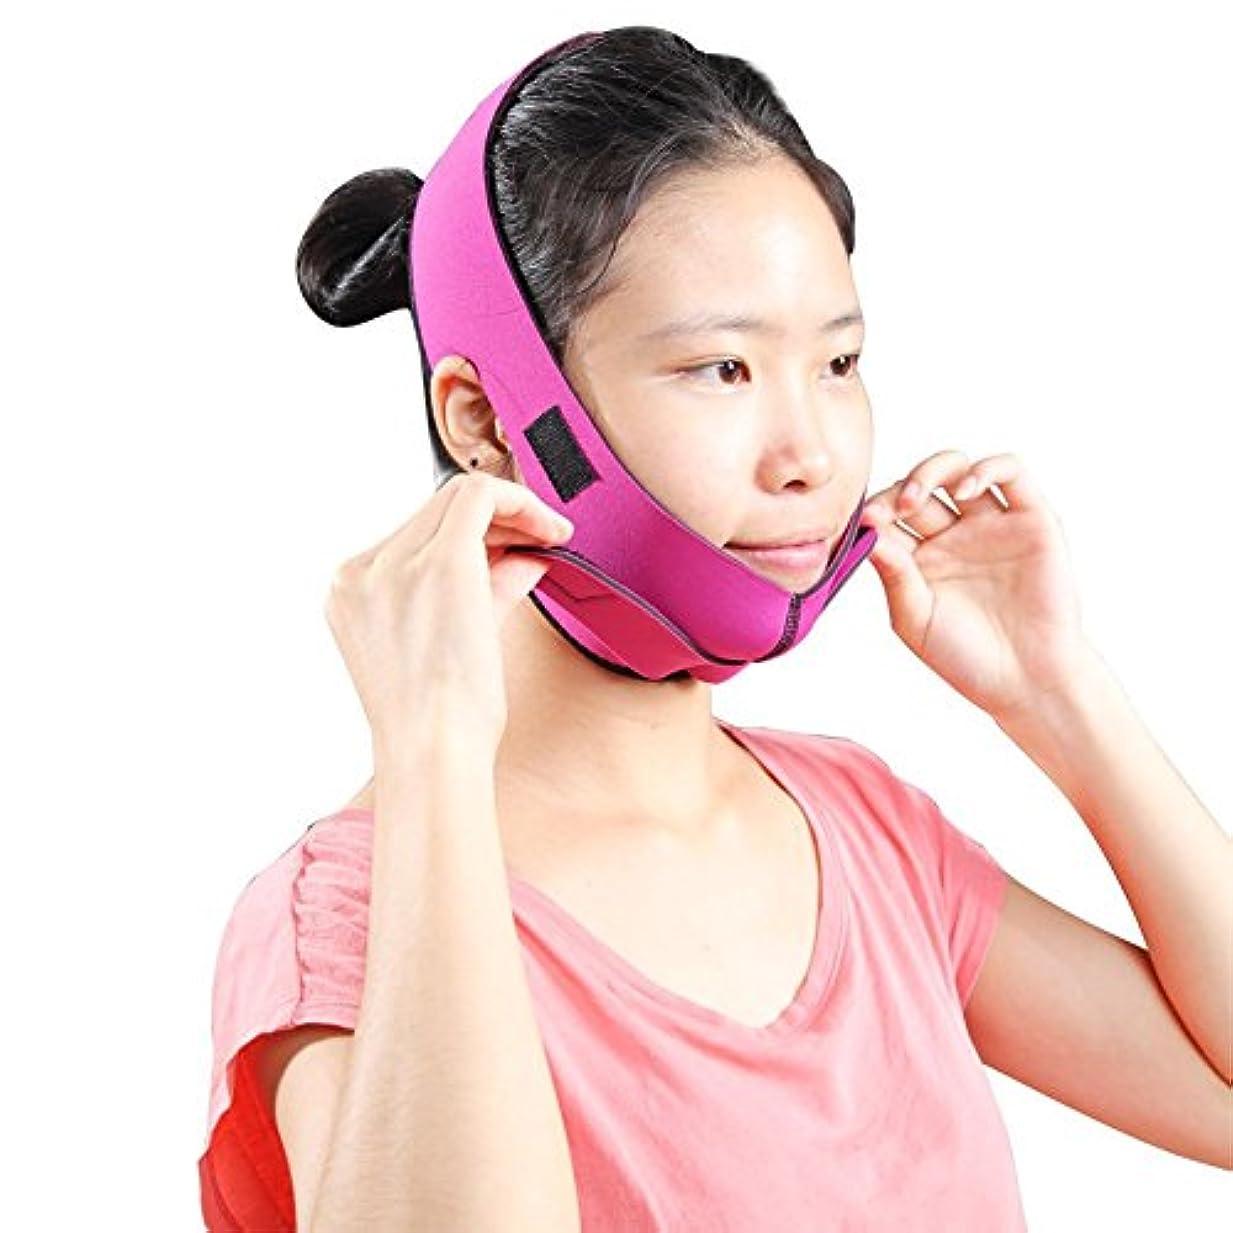 表示ソーセージ聖歌Remeehi 頬の たるみ スッキリ と 小顔 リフトアップ コルセット ベルト